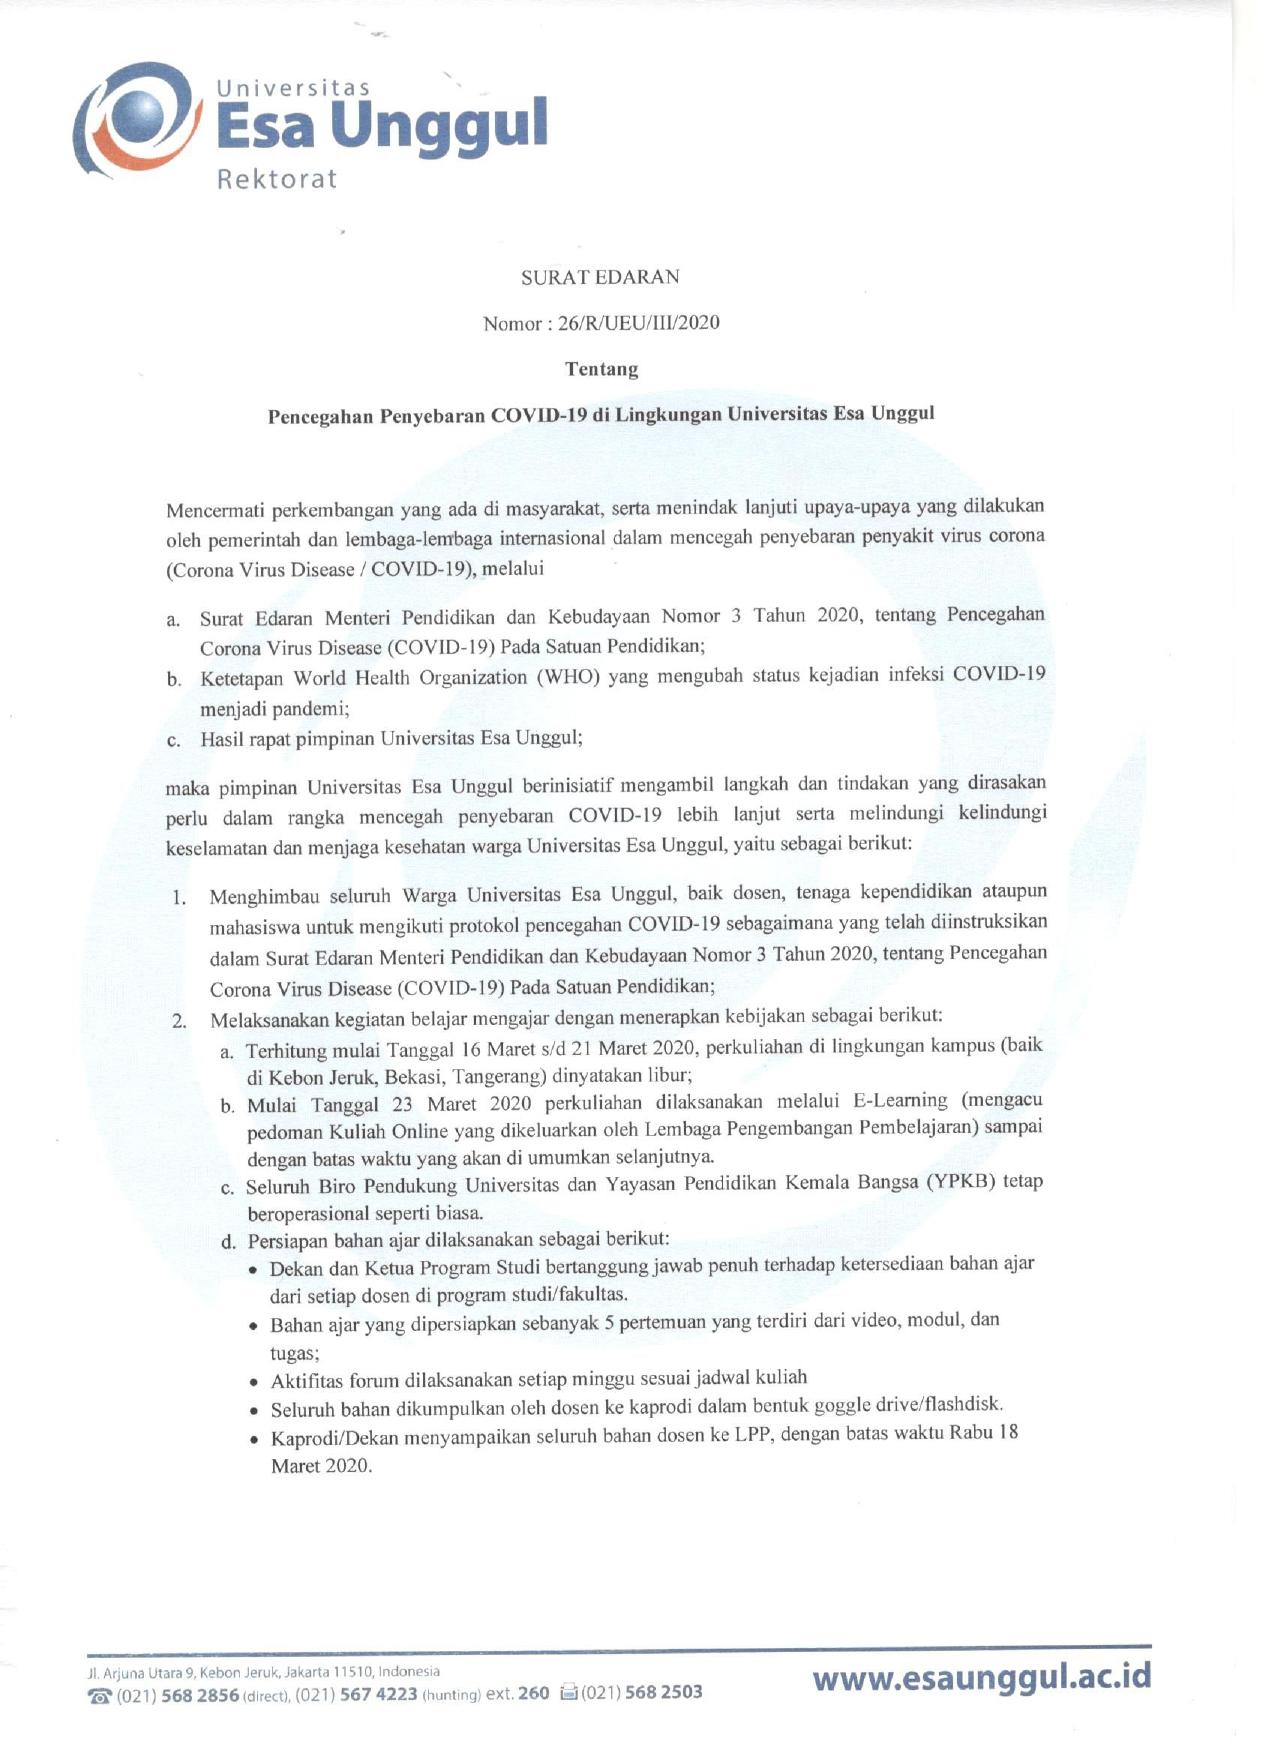 Pencegahan Penyebaran COVID-19 di Lingkungan Universitas Esa Unggul